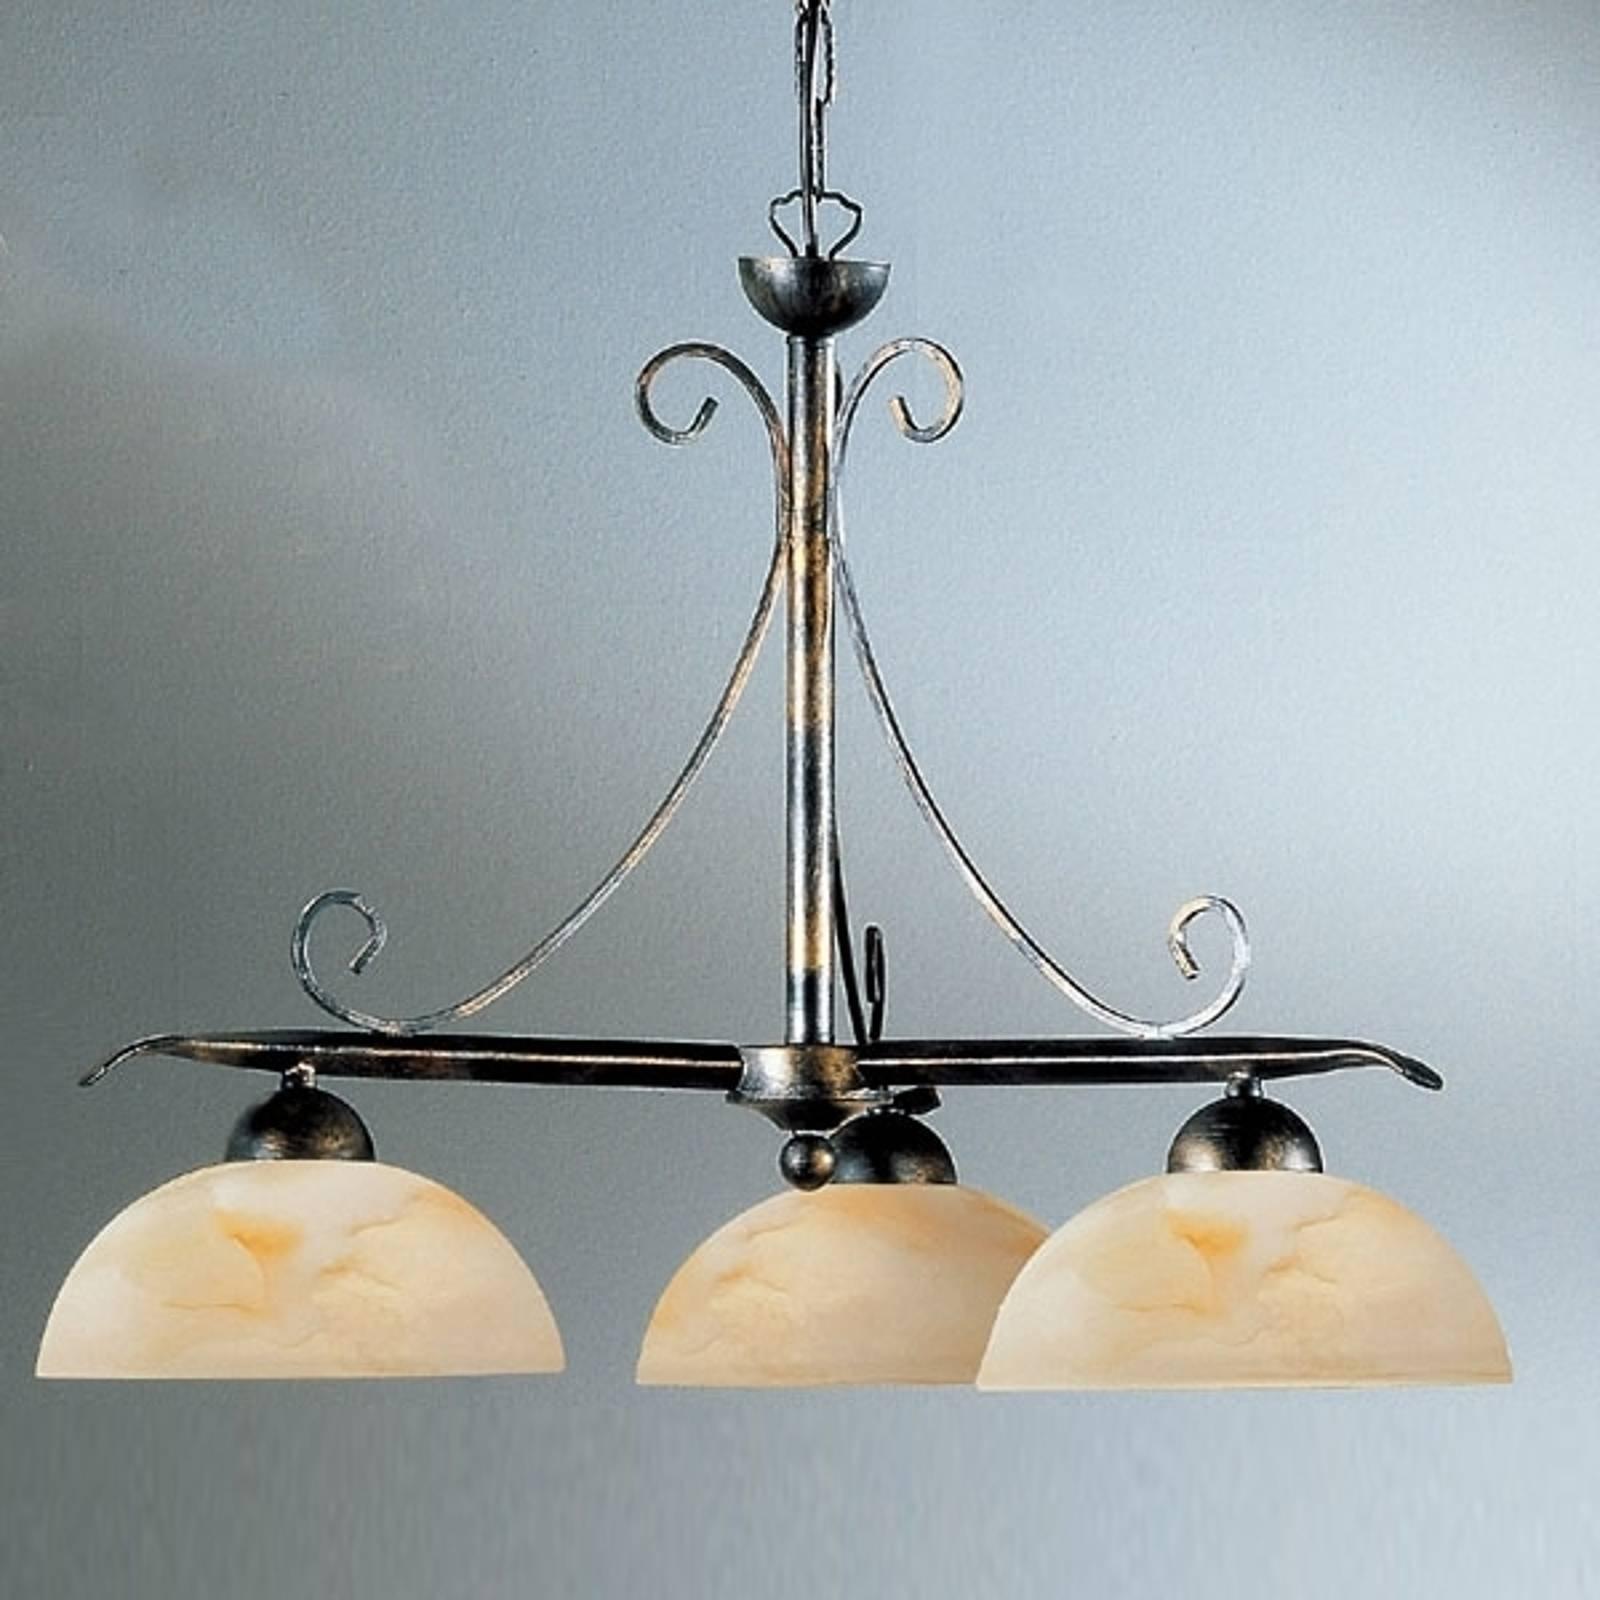 Hanglamp Dana in landhuisstijl met 3 lampjes